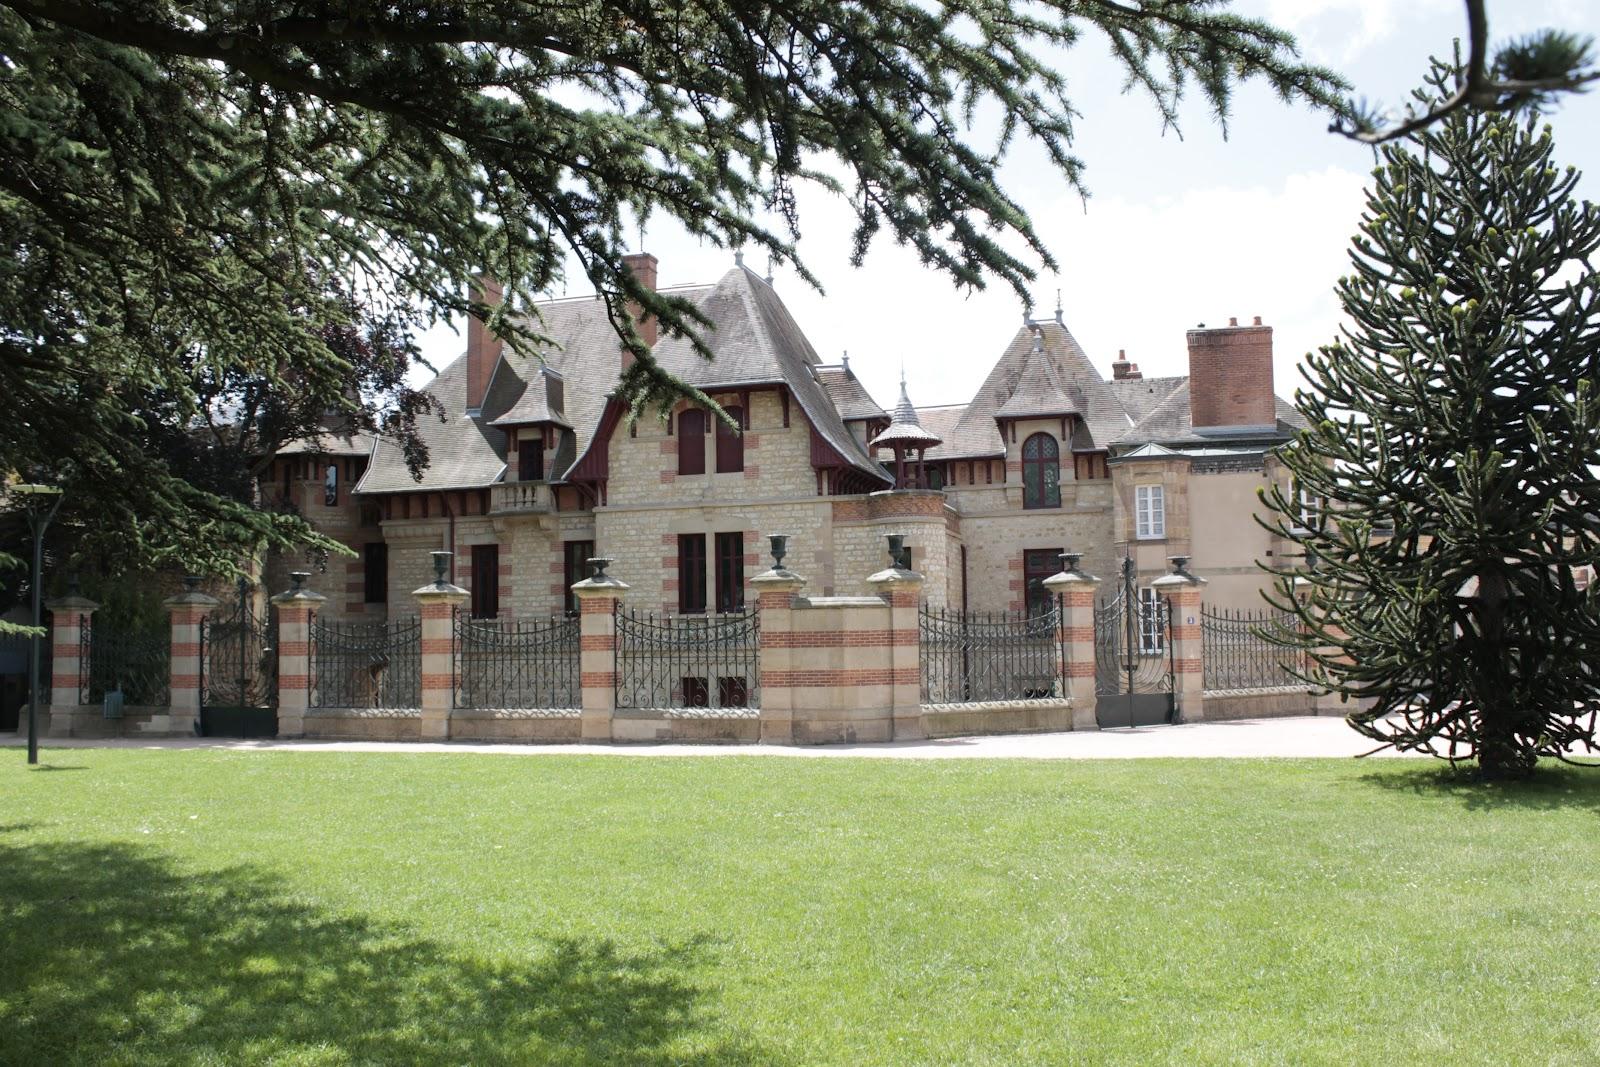 Aux fils de la burge une visite moulins - Maison mantin moulins 03 ...